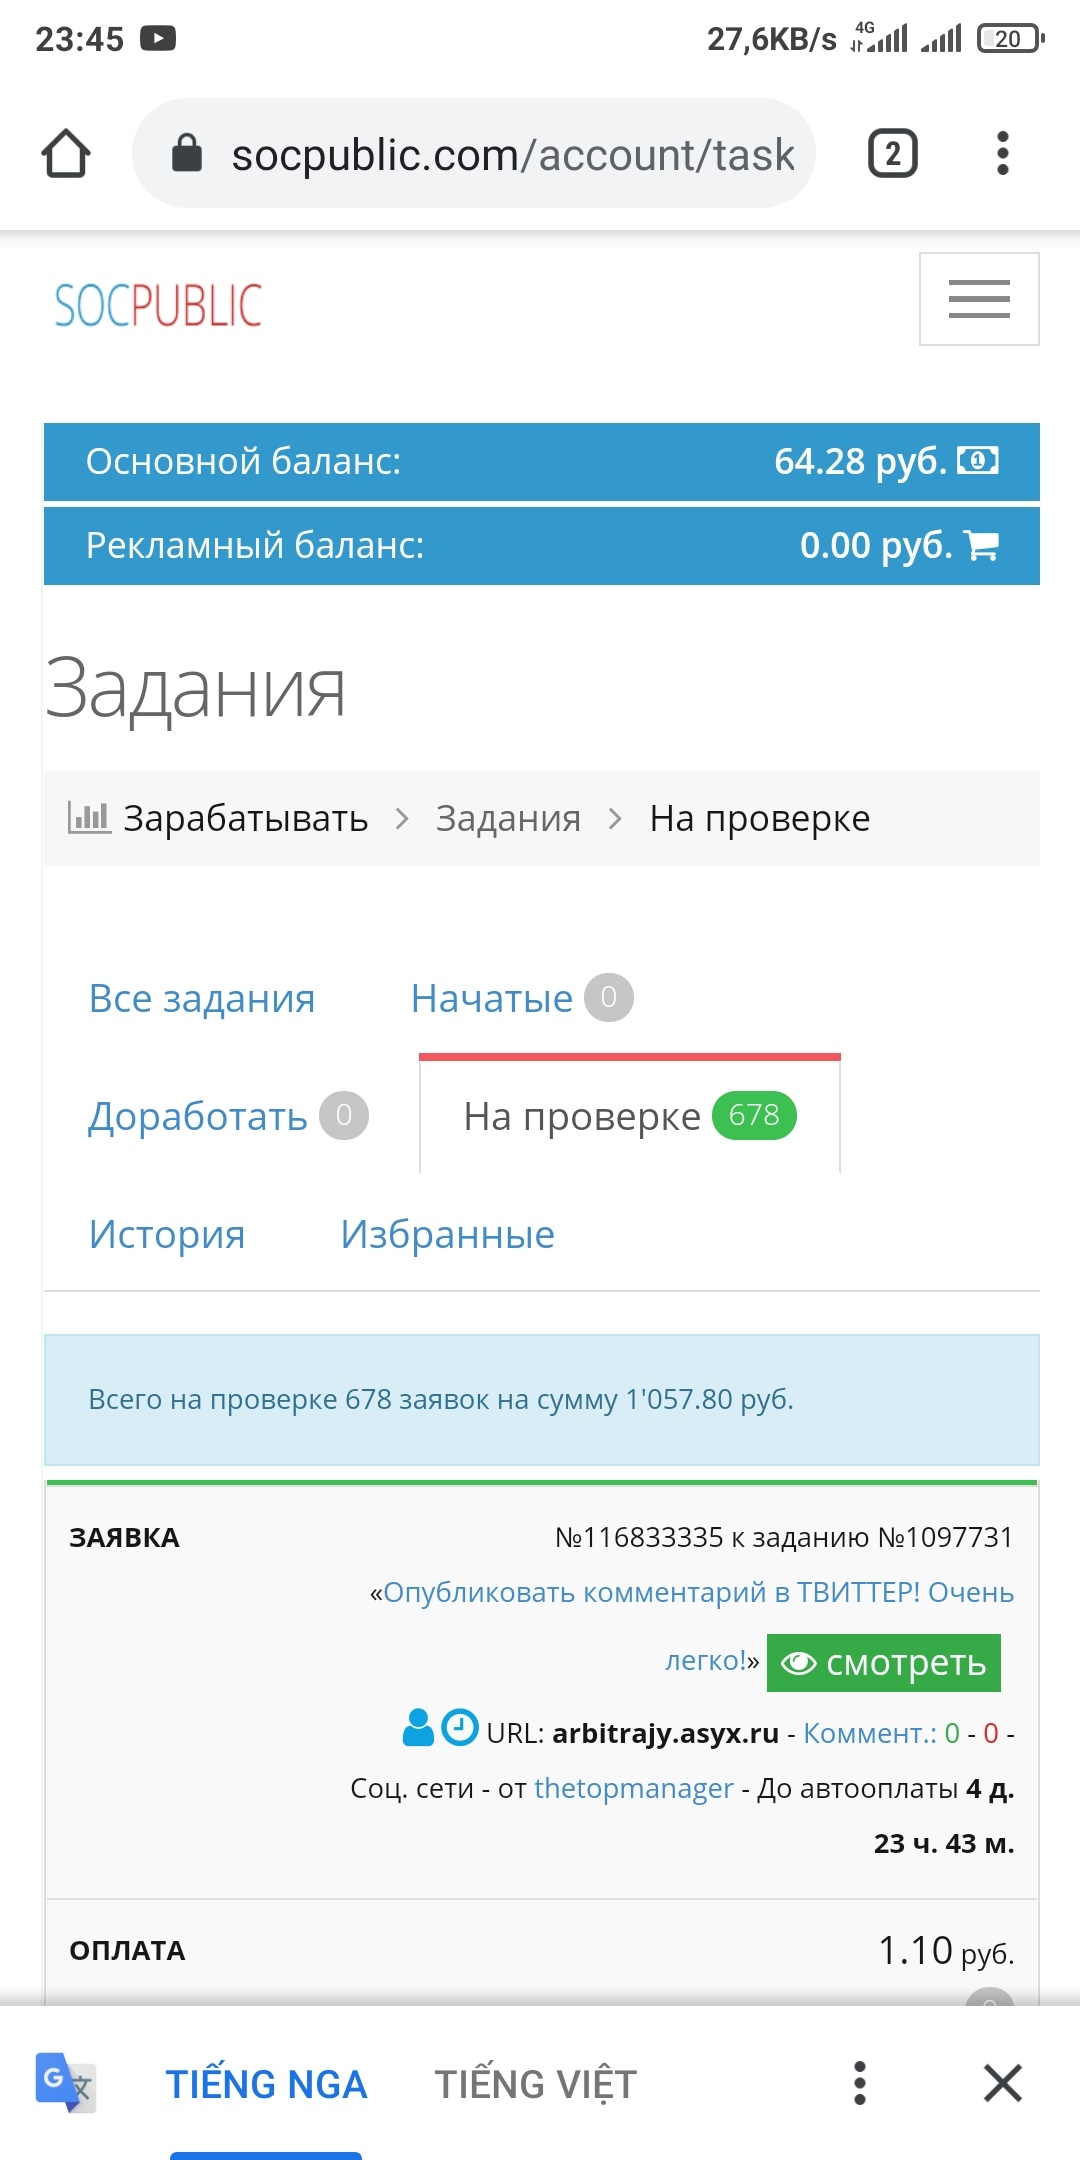 Screenshot_2021-07-02-23-45-00-731_com.android.chrome.jpg